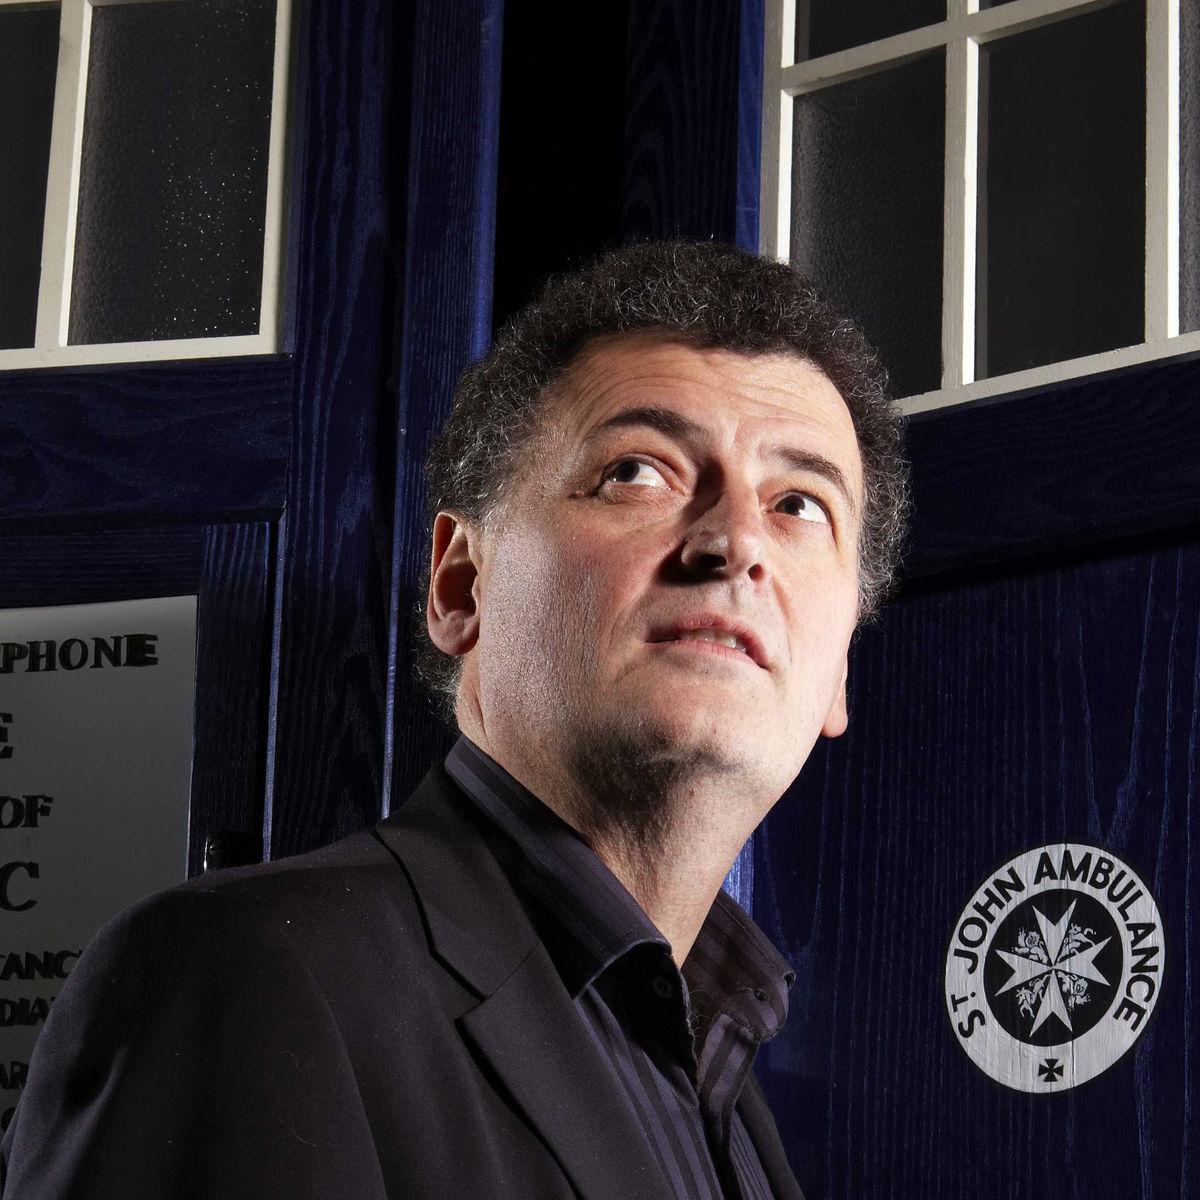 Steven-Moffat-Doctor-Who_0.jpg